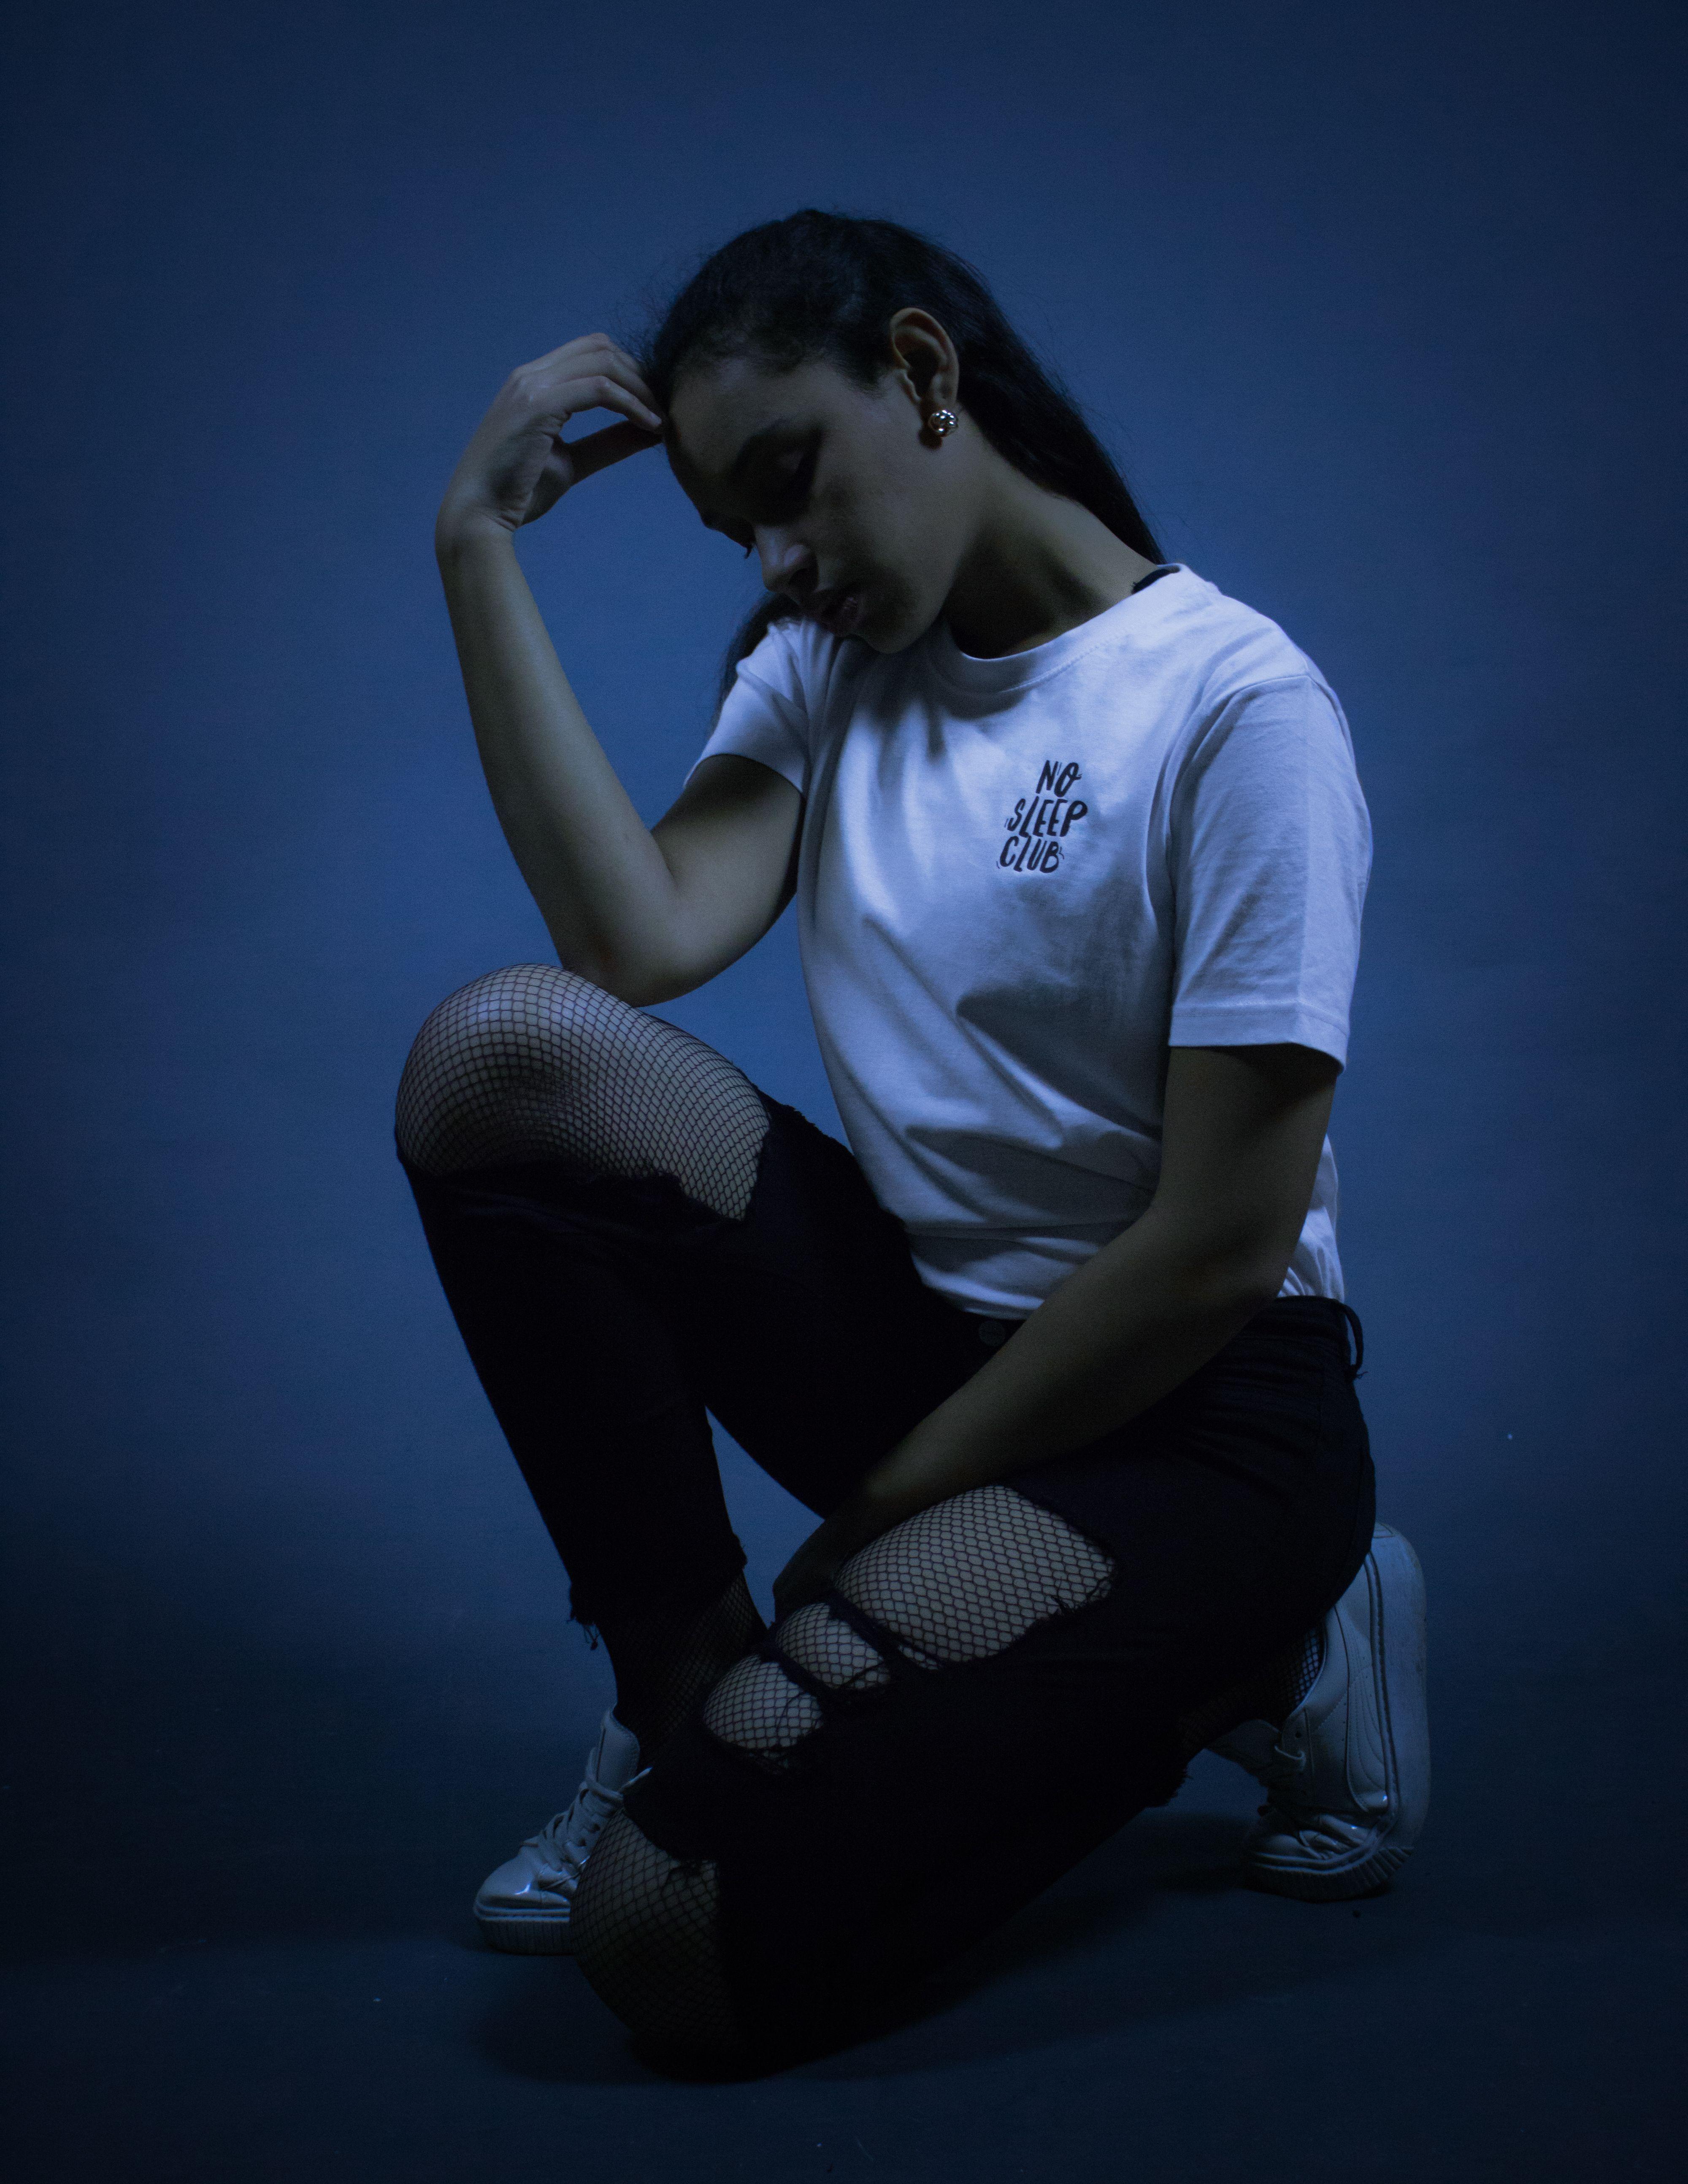 No Sleep Club T-Shirt 🌀🏴